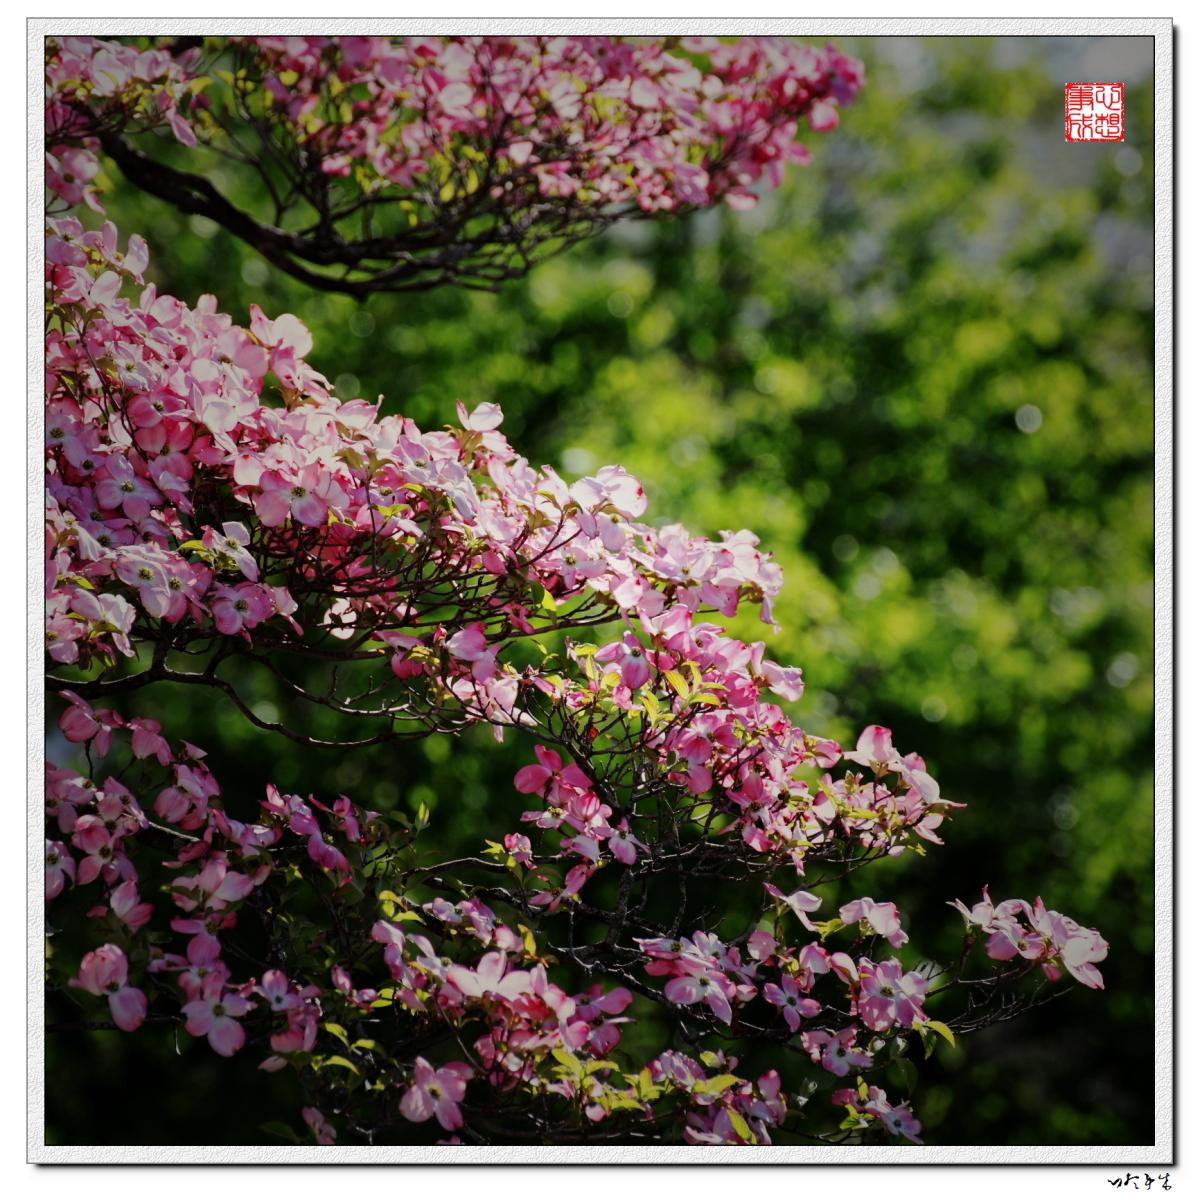 【心想事成】走进春天,感受春意_图1-3